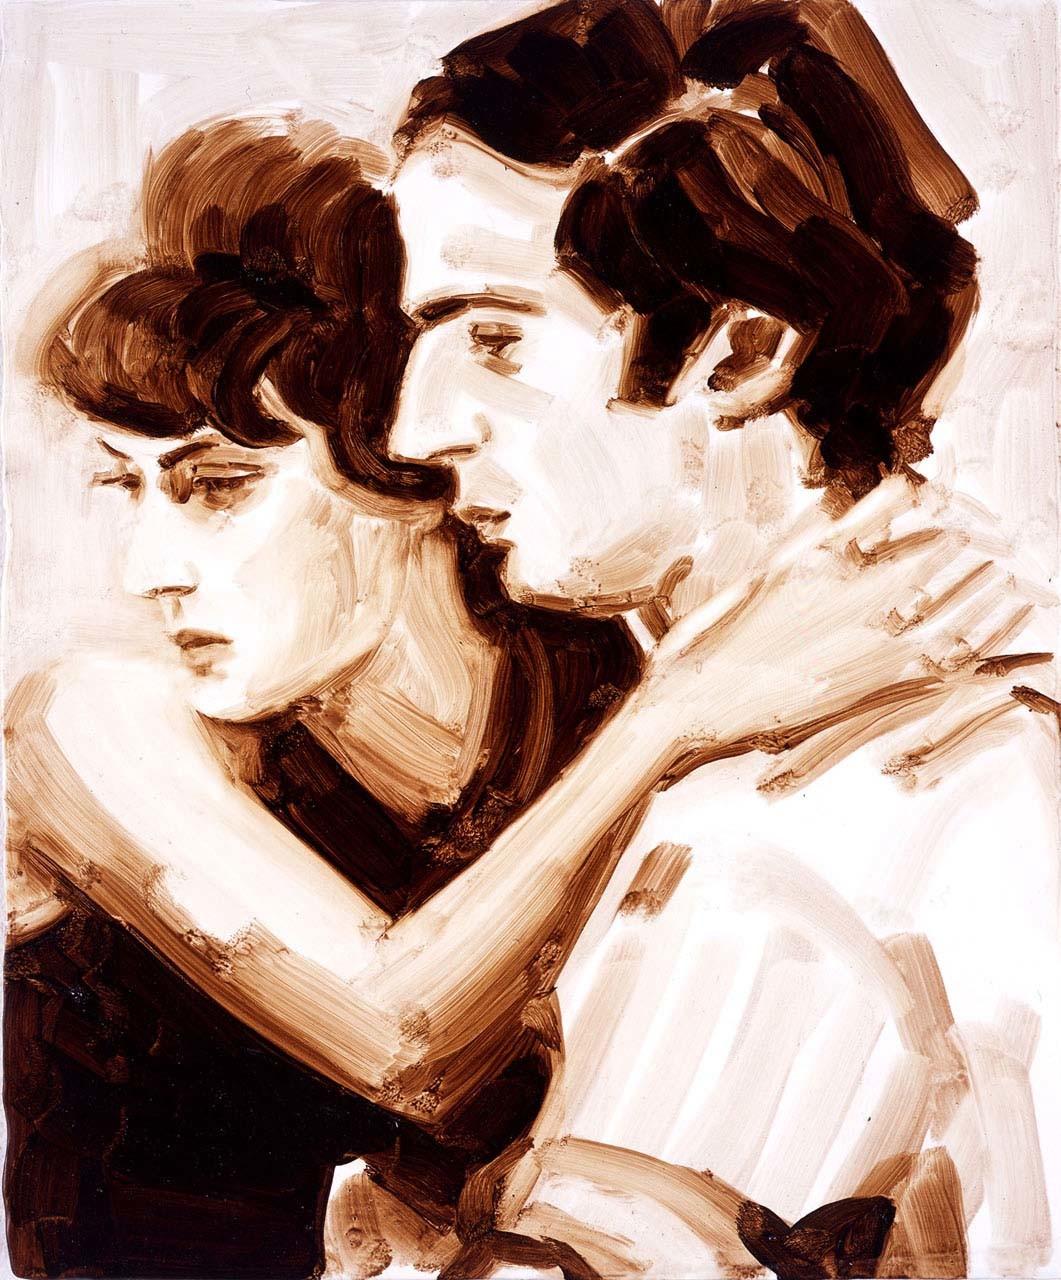 """<div class=""""artwork_caption""""><p>Jeanne Moreau and François Truffaut (The Bride Wore Black), 2005</p></div>"""